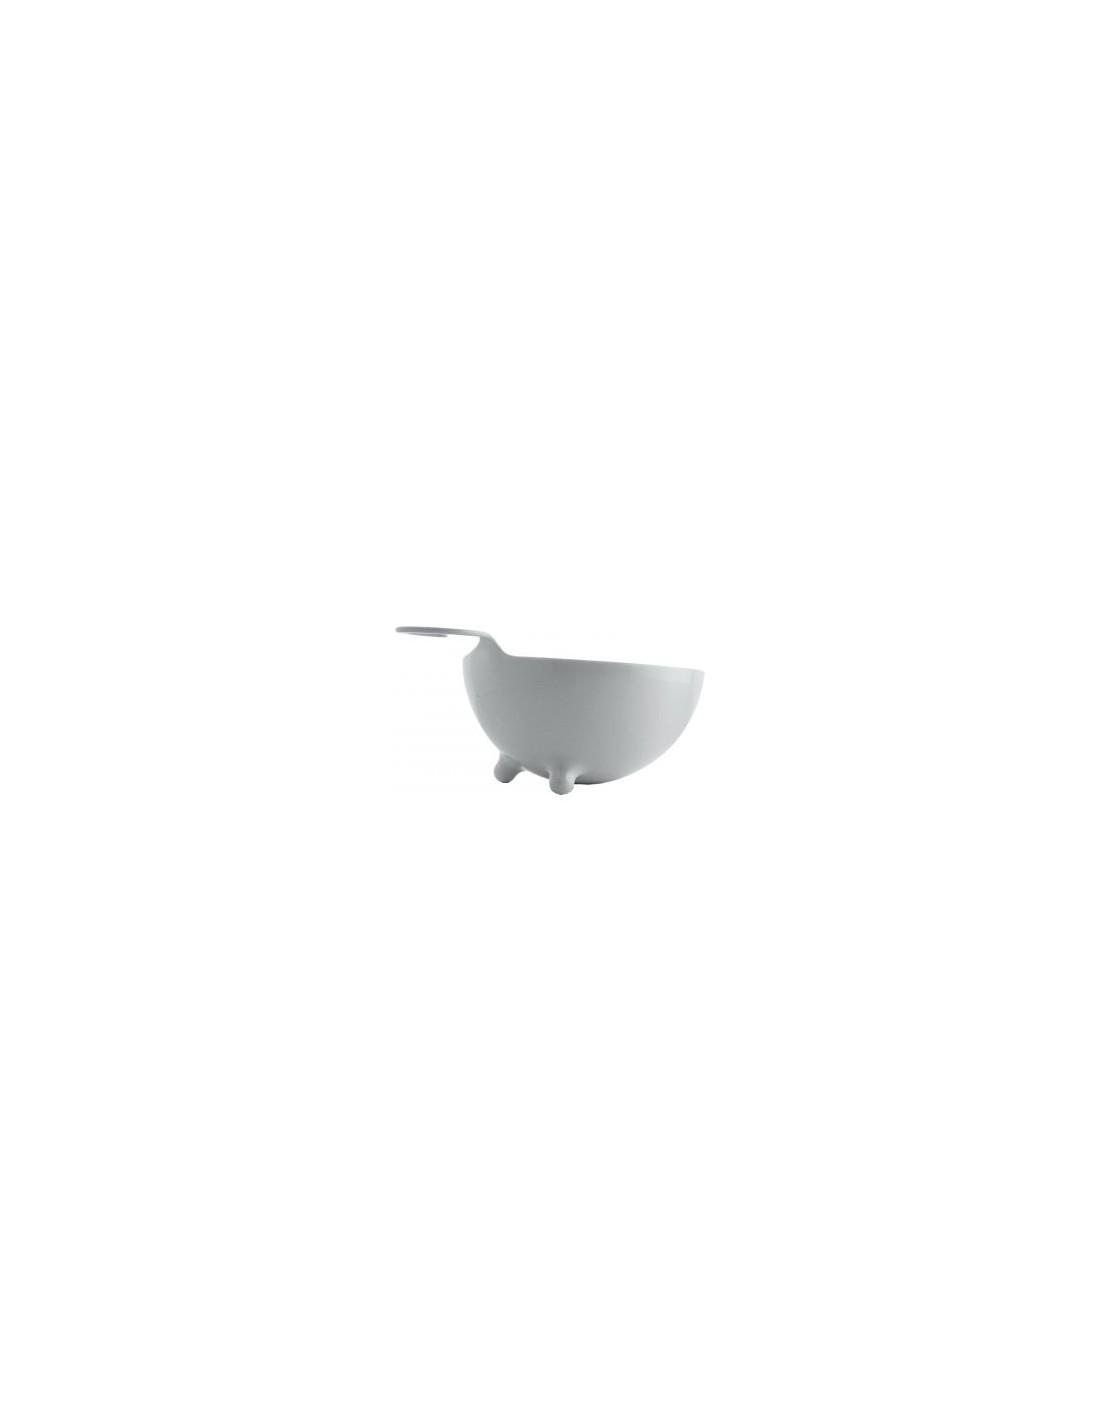 Ciotola moom di alessi casa bella dal cin shop online for Ciotola alessi prezzo